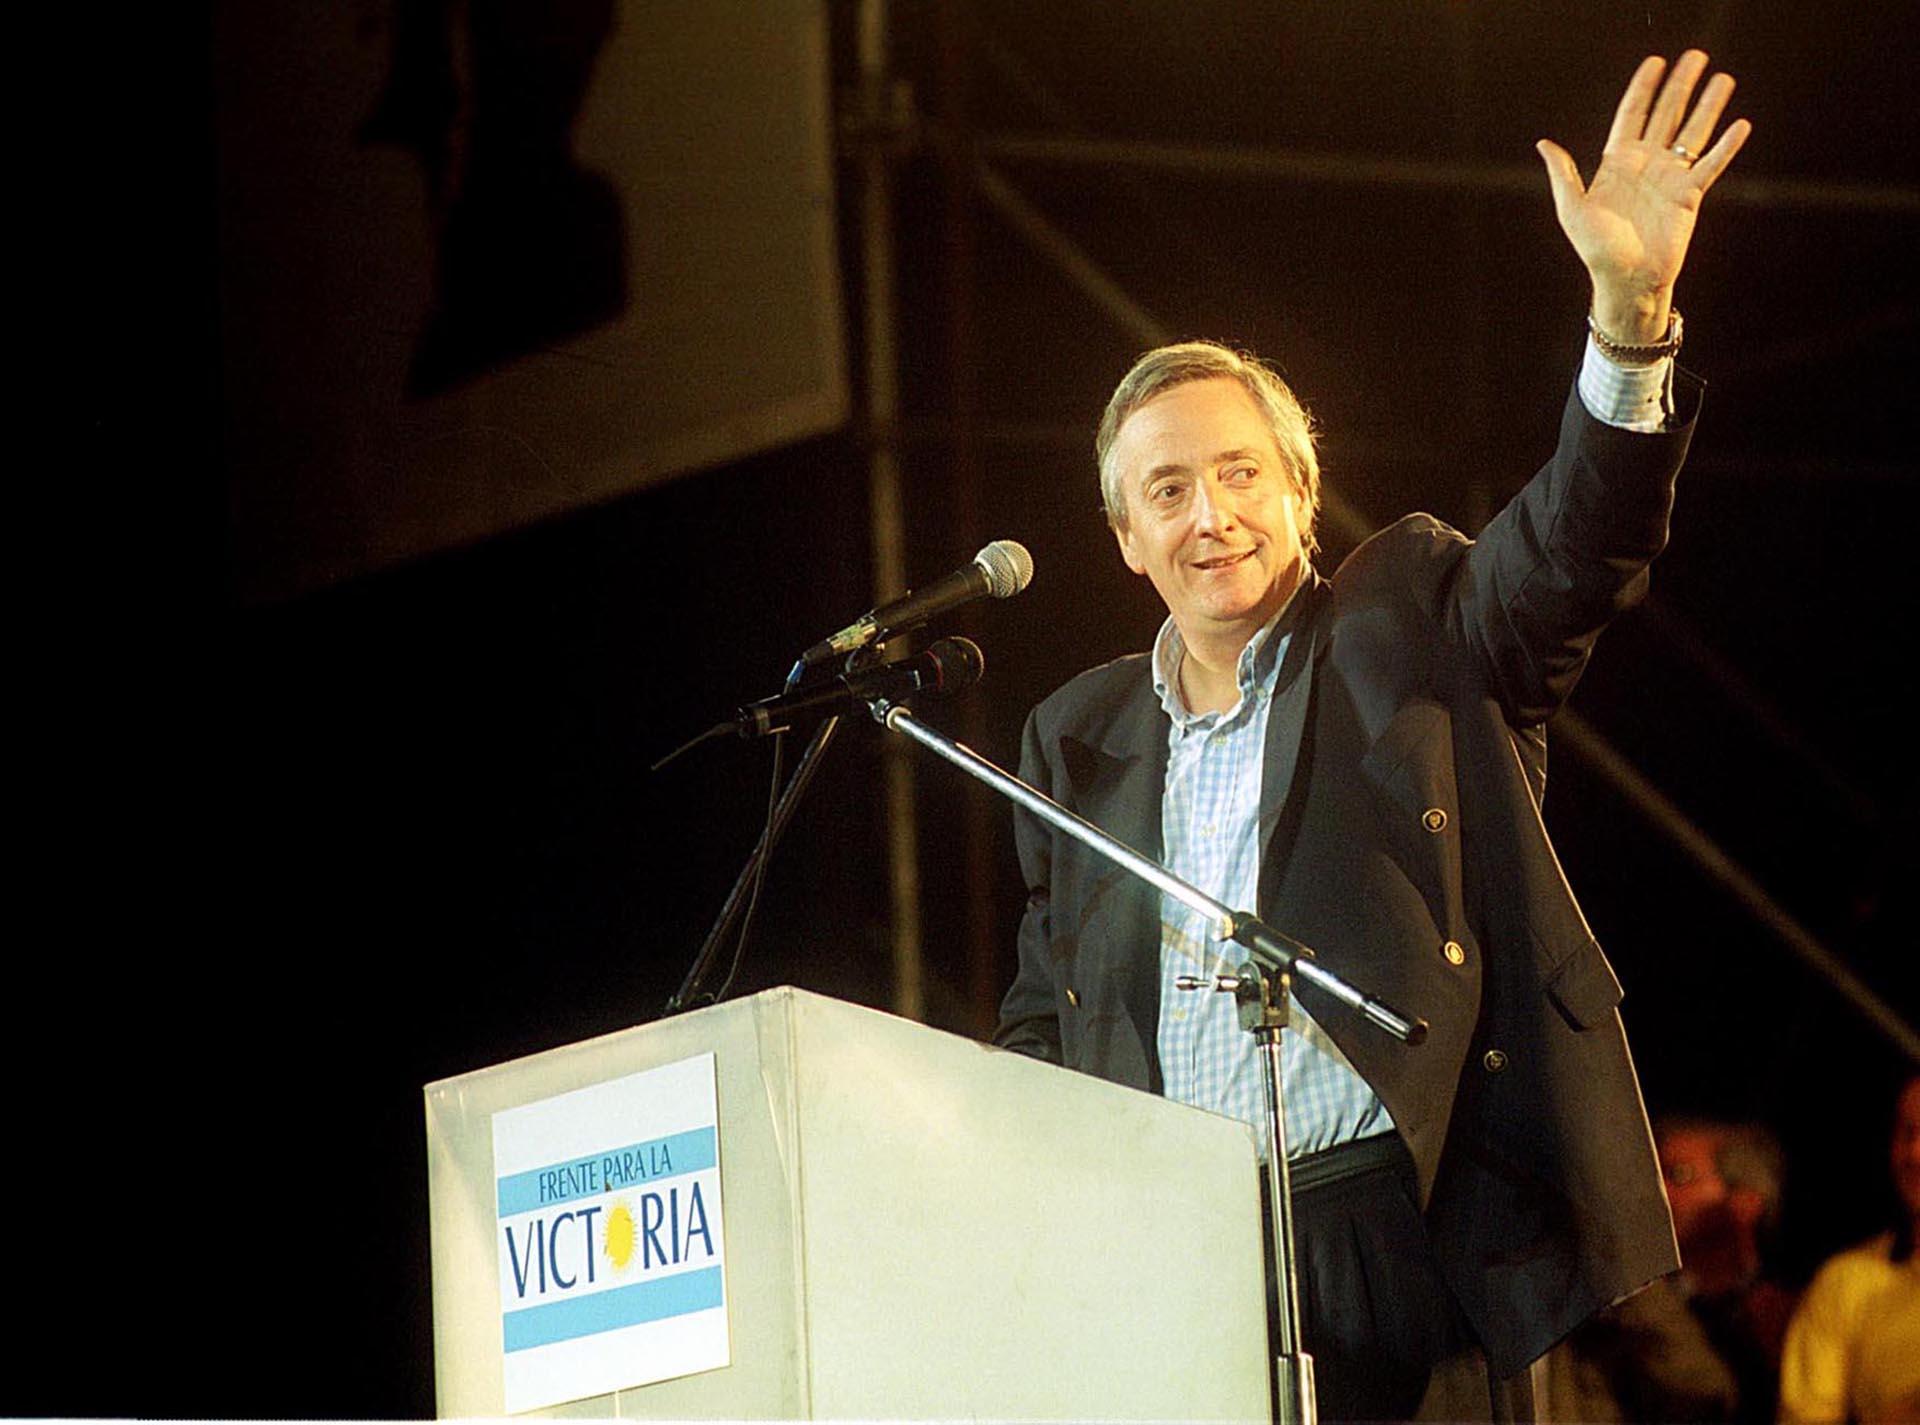 El candidato a presidente por el Frente para la Victoria, Néstor Kirchner, durante el acto realizado esta noche en el Mercado Central